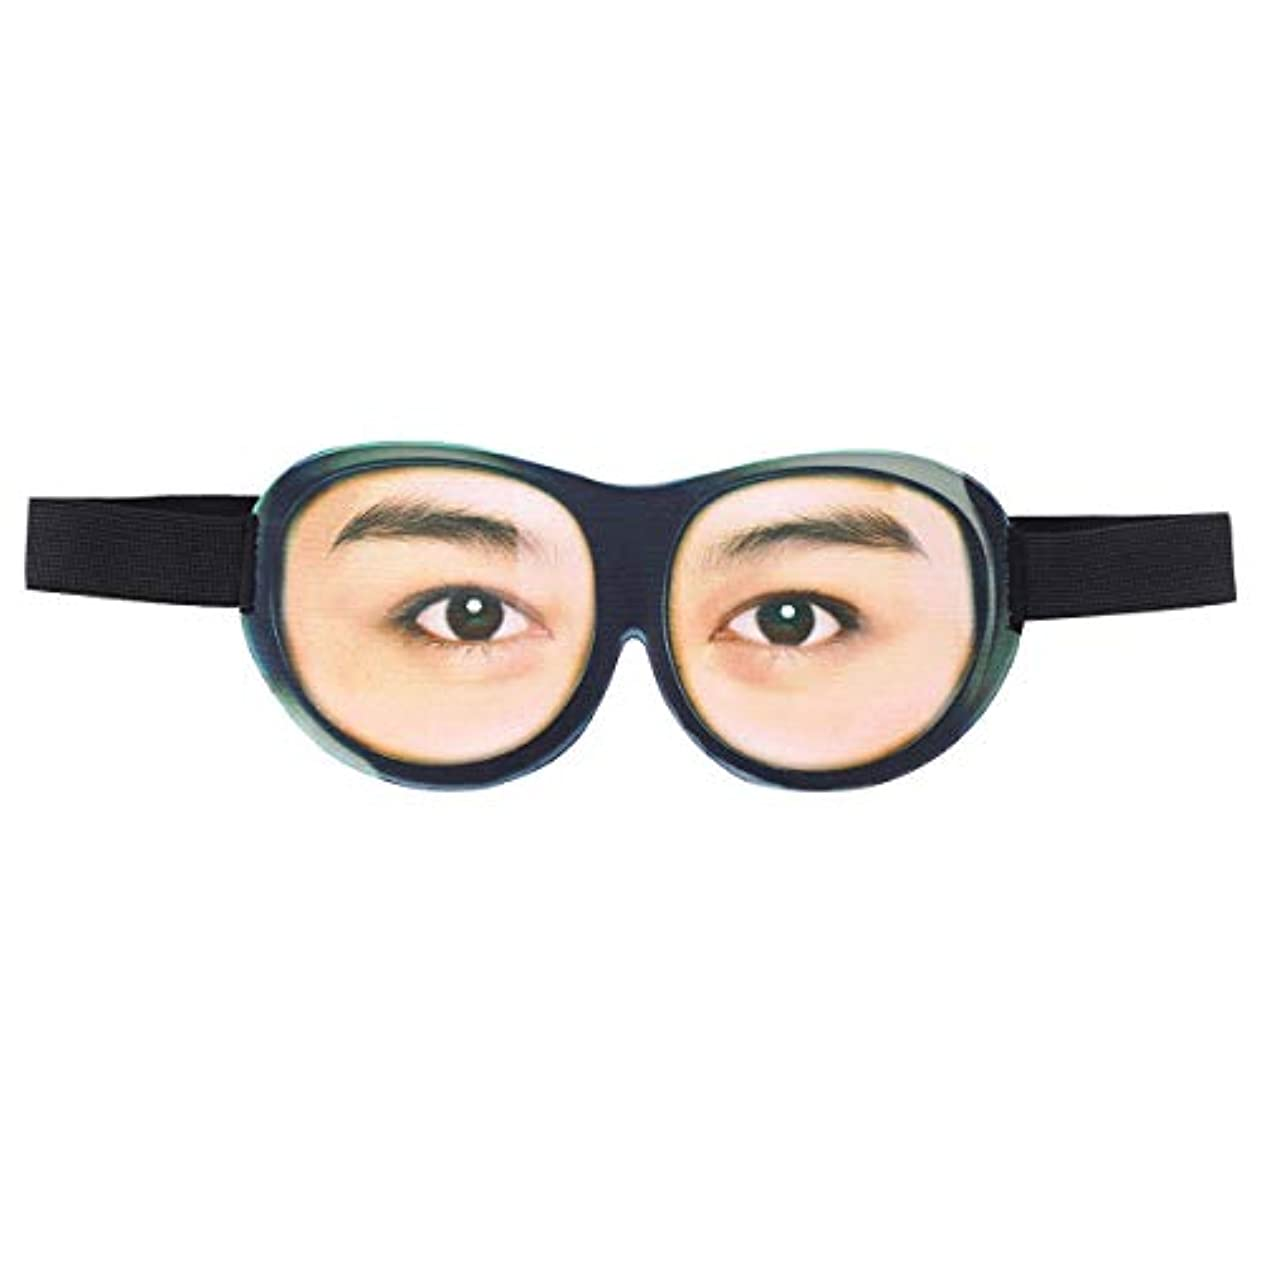 ハウジング生活すばらしいですHealifty 睡眠目隠し3D面白いアイシェード通気性睡眠マスク旅行睡眠ヘルパーアイシェード用男性と女性